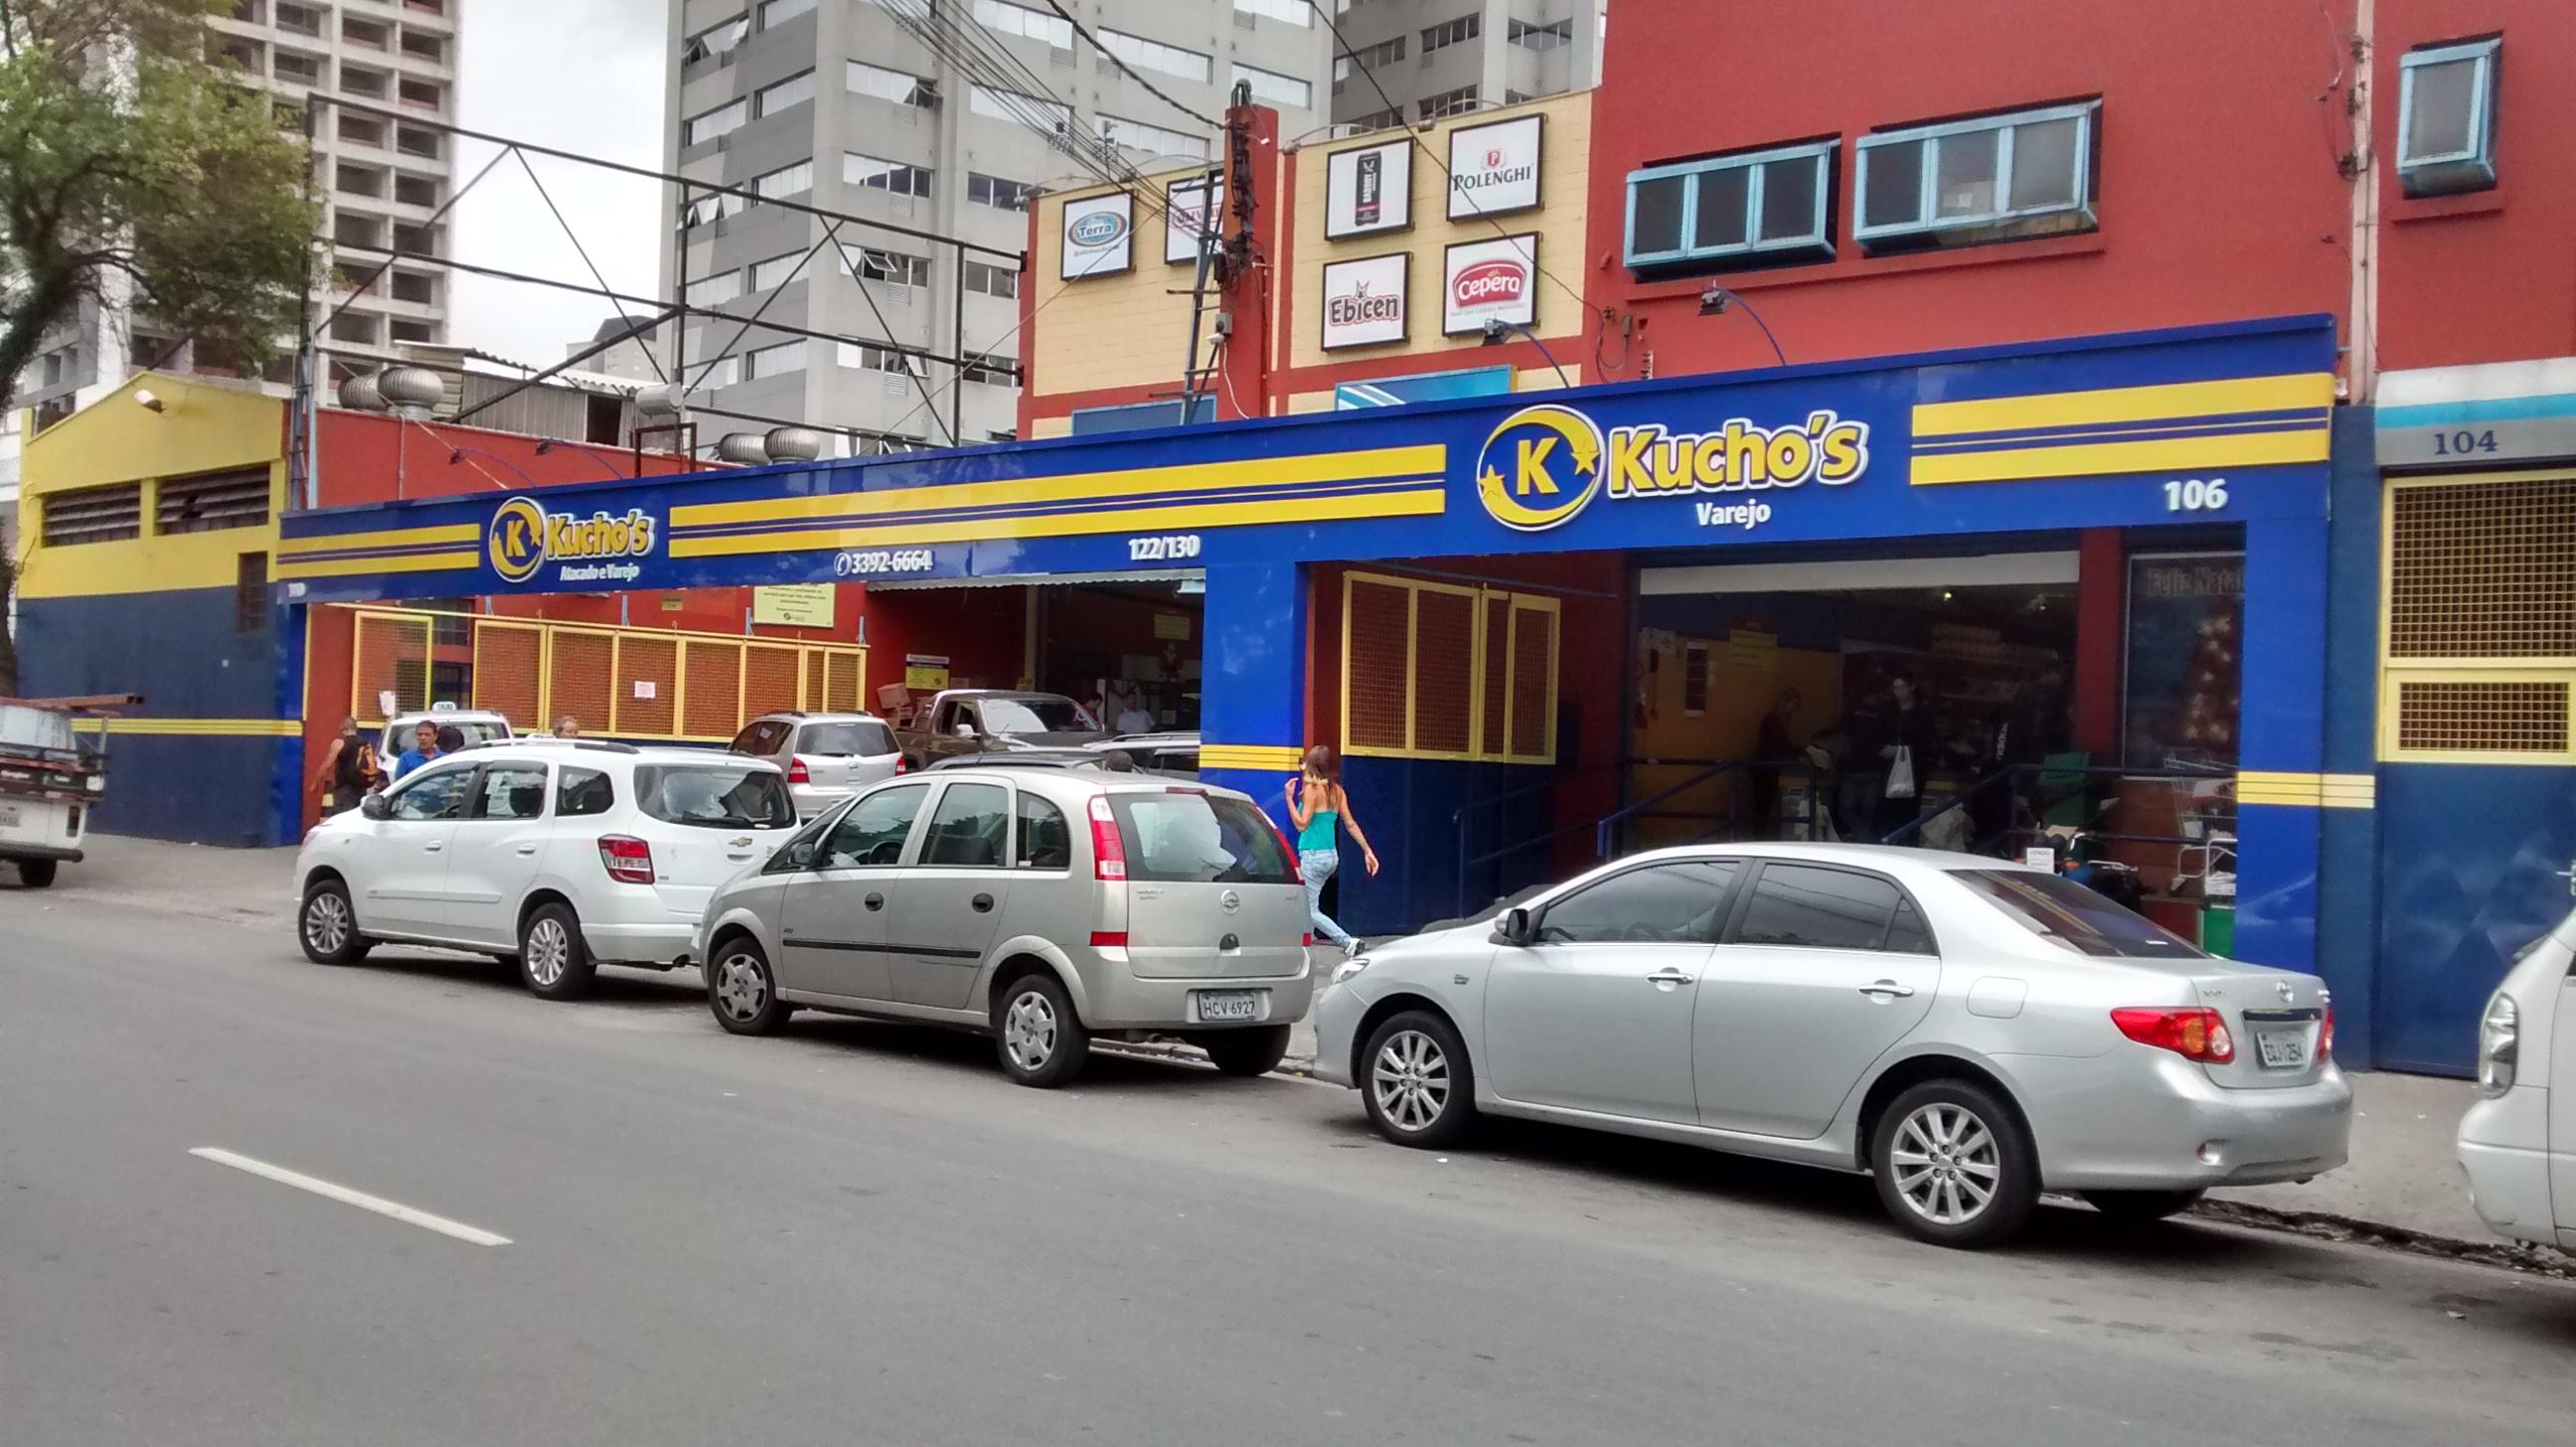 Kuchos Pinheiros S.Paulo